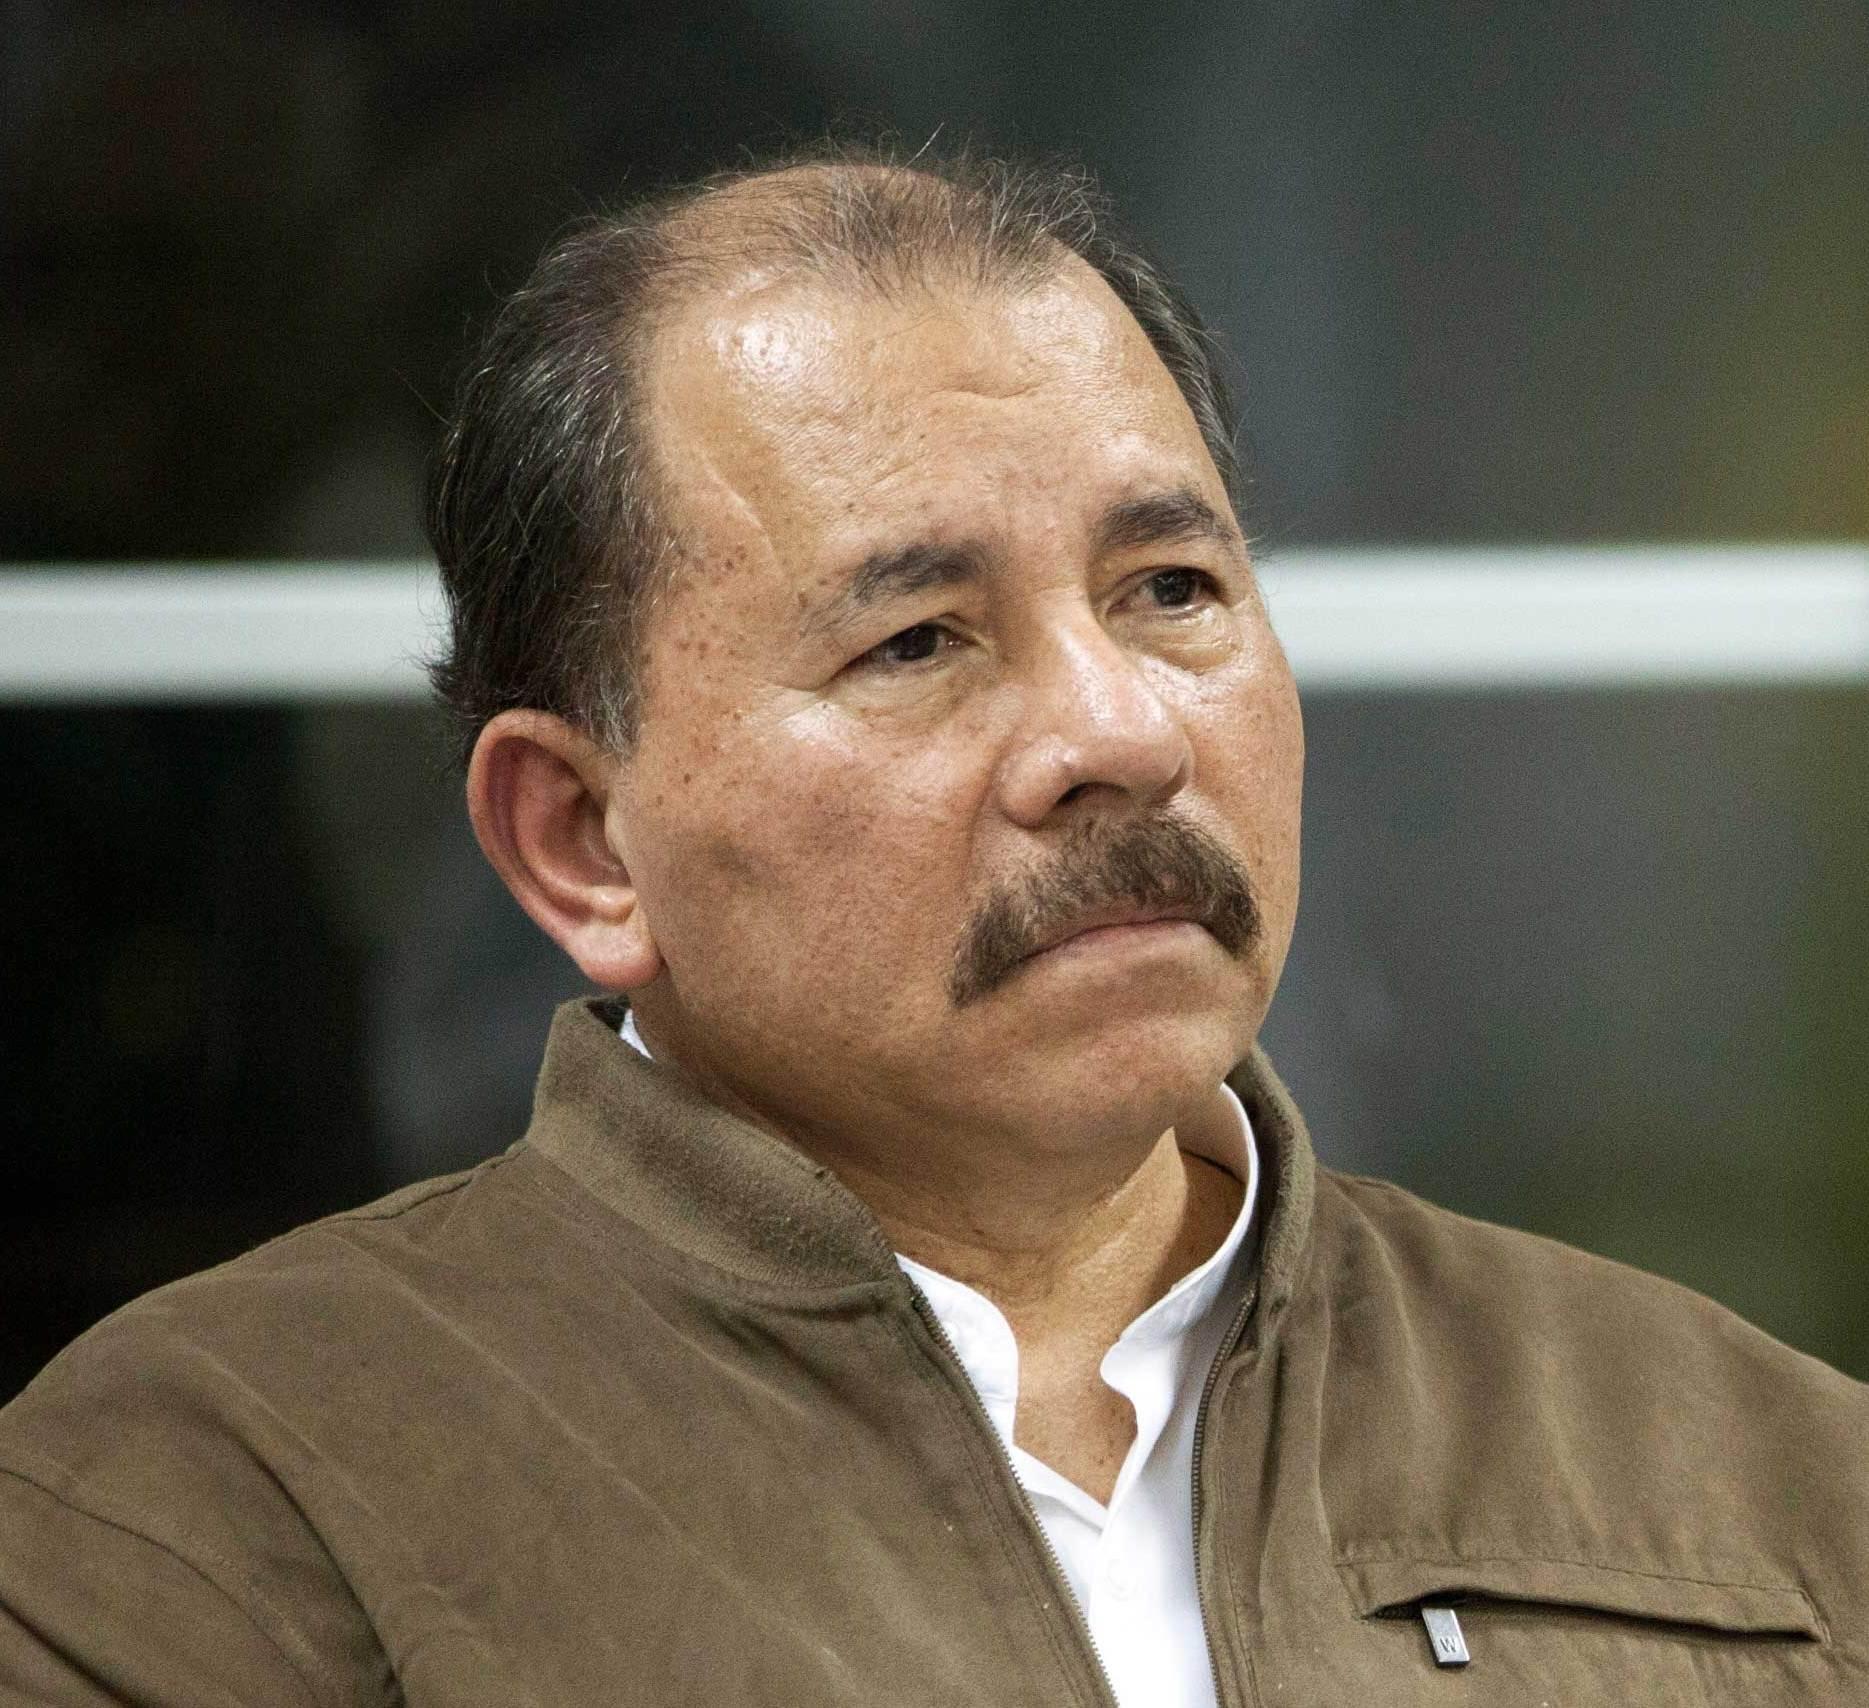 Gobierno de Nicaragua anuló cinco ONG que critican a Ortega